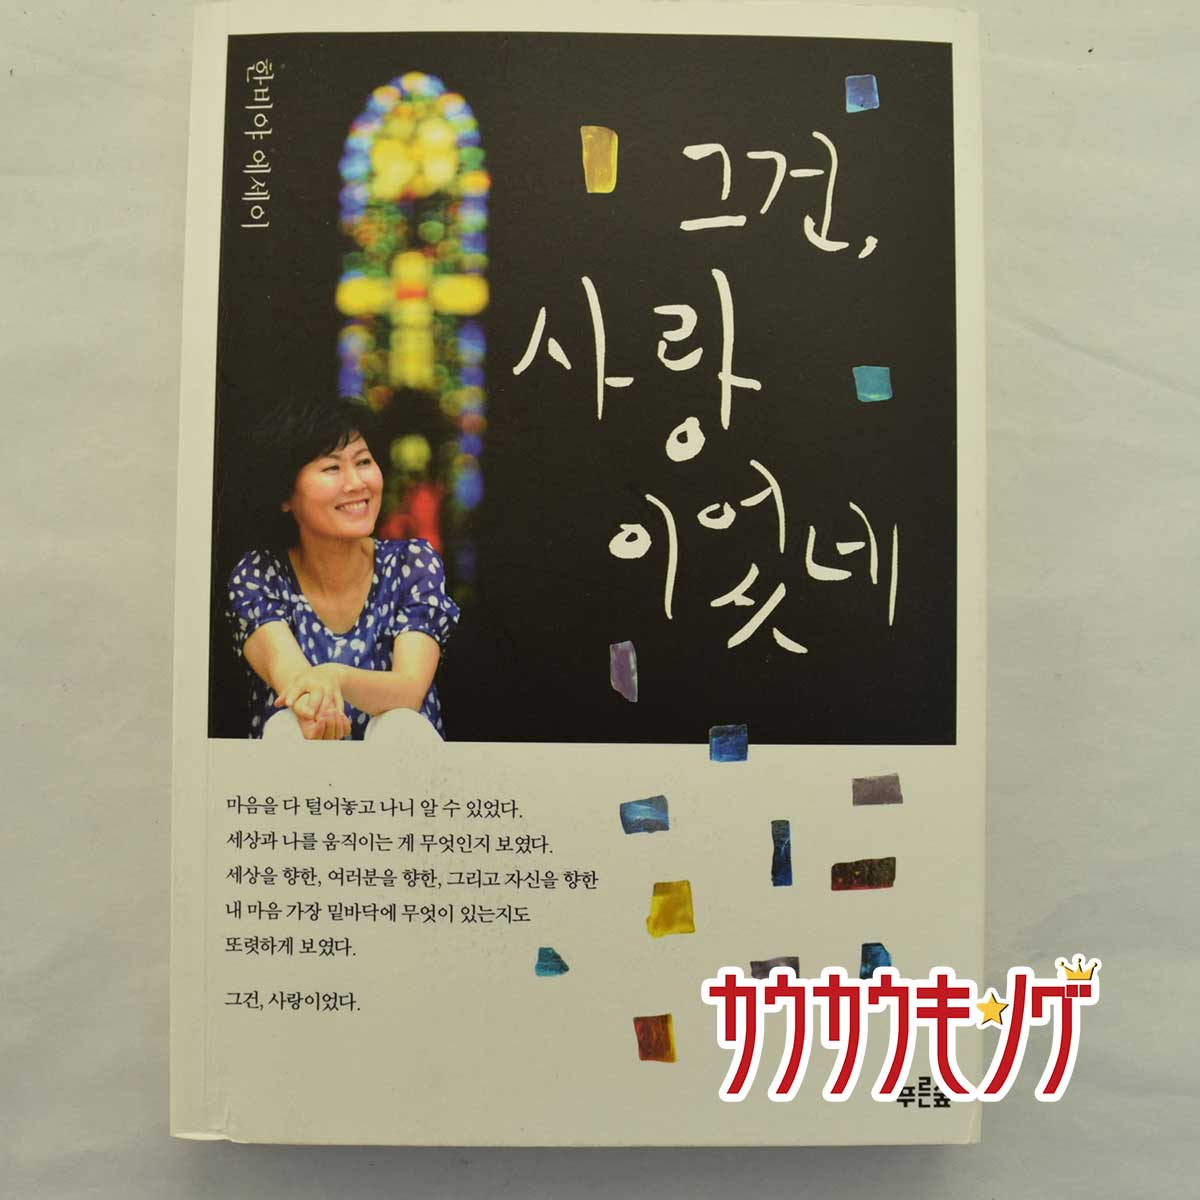 人気の製品 中古 それは愛だったんだね ?? ????? 韓国語 クゴンサランイオンネ 9788971848173 限定品